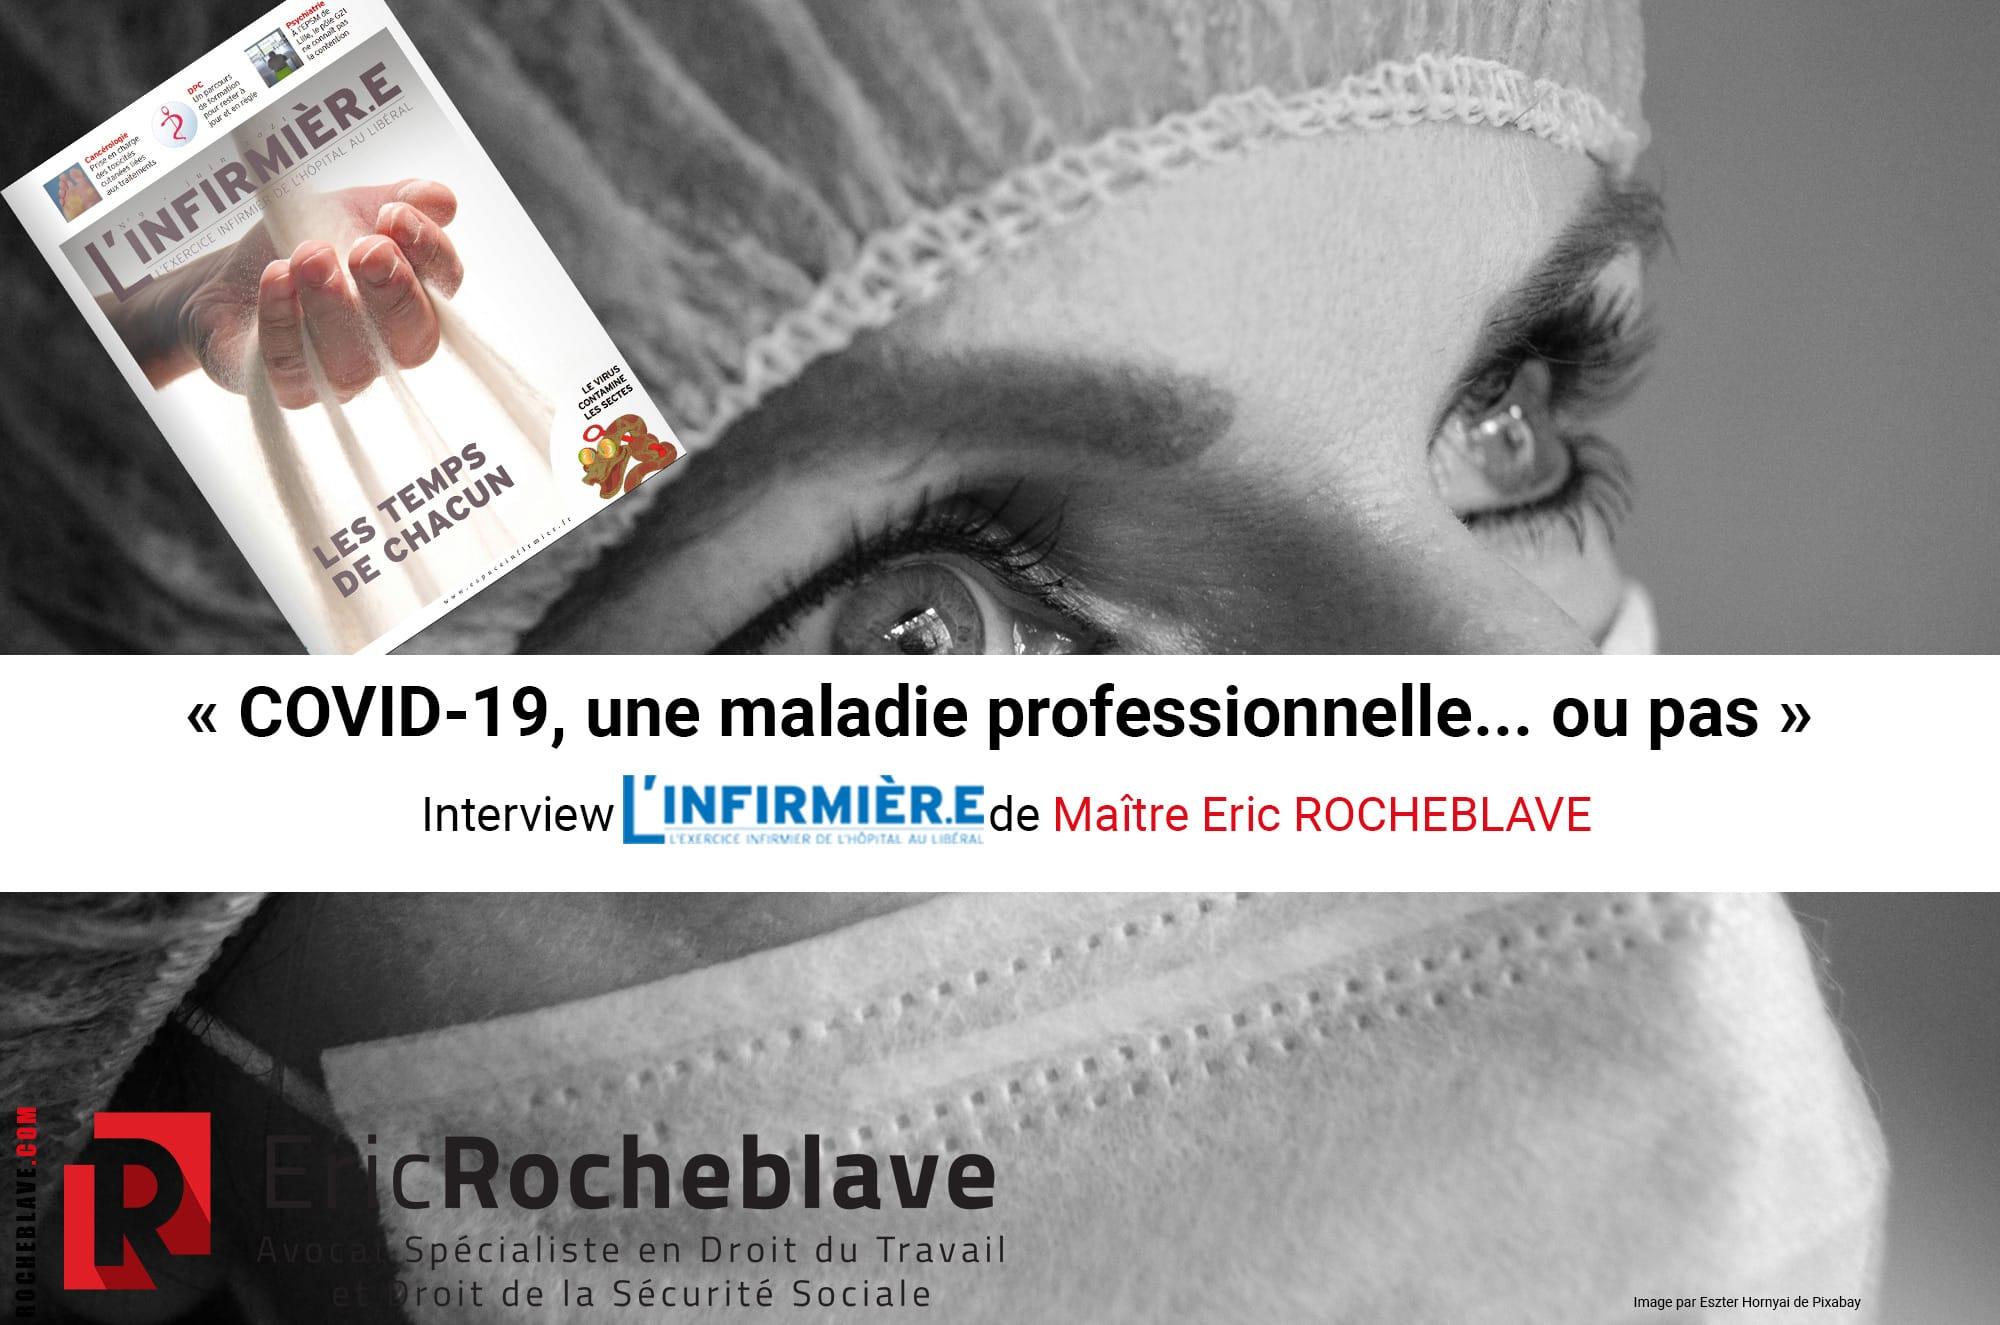 « COVID-19, une maladie professionnelle... ou pas » Interview L'INFIRMIER.E de Maître Eric ROCHEBLAVE